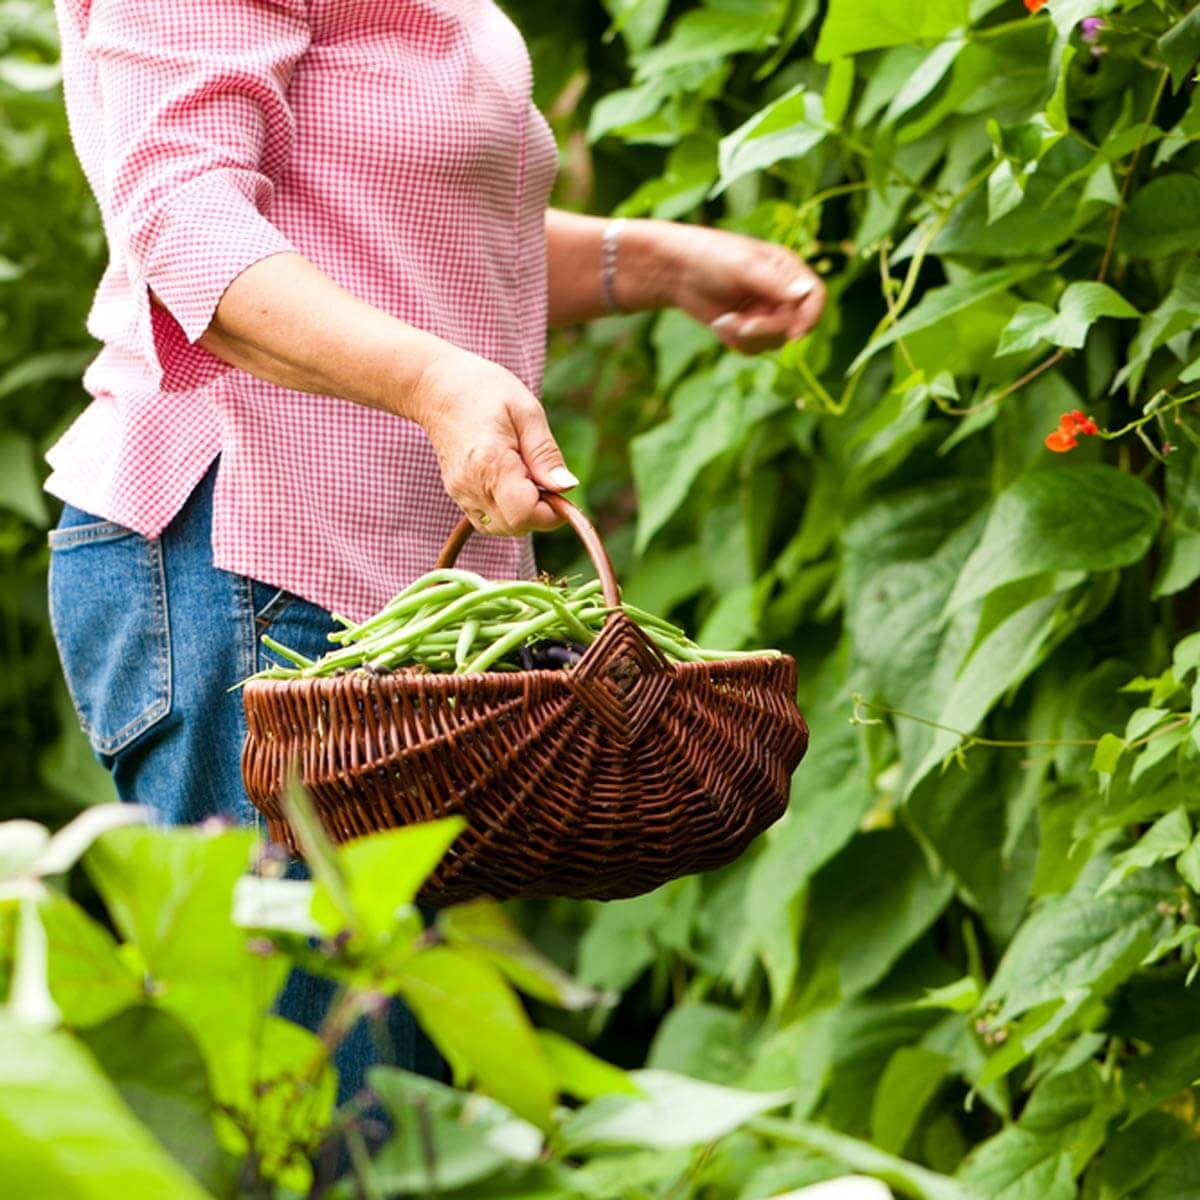 gathering basket_77743069_04 gardening collecting green beans-gifts-for-gardeners gifts for gardeners garden gifts